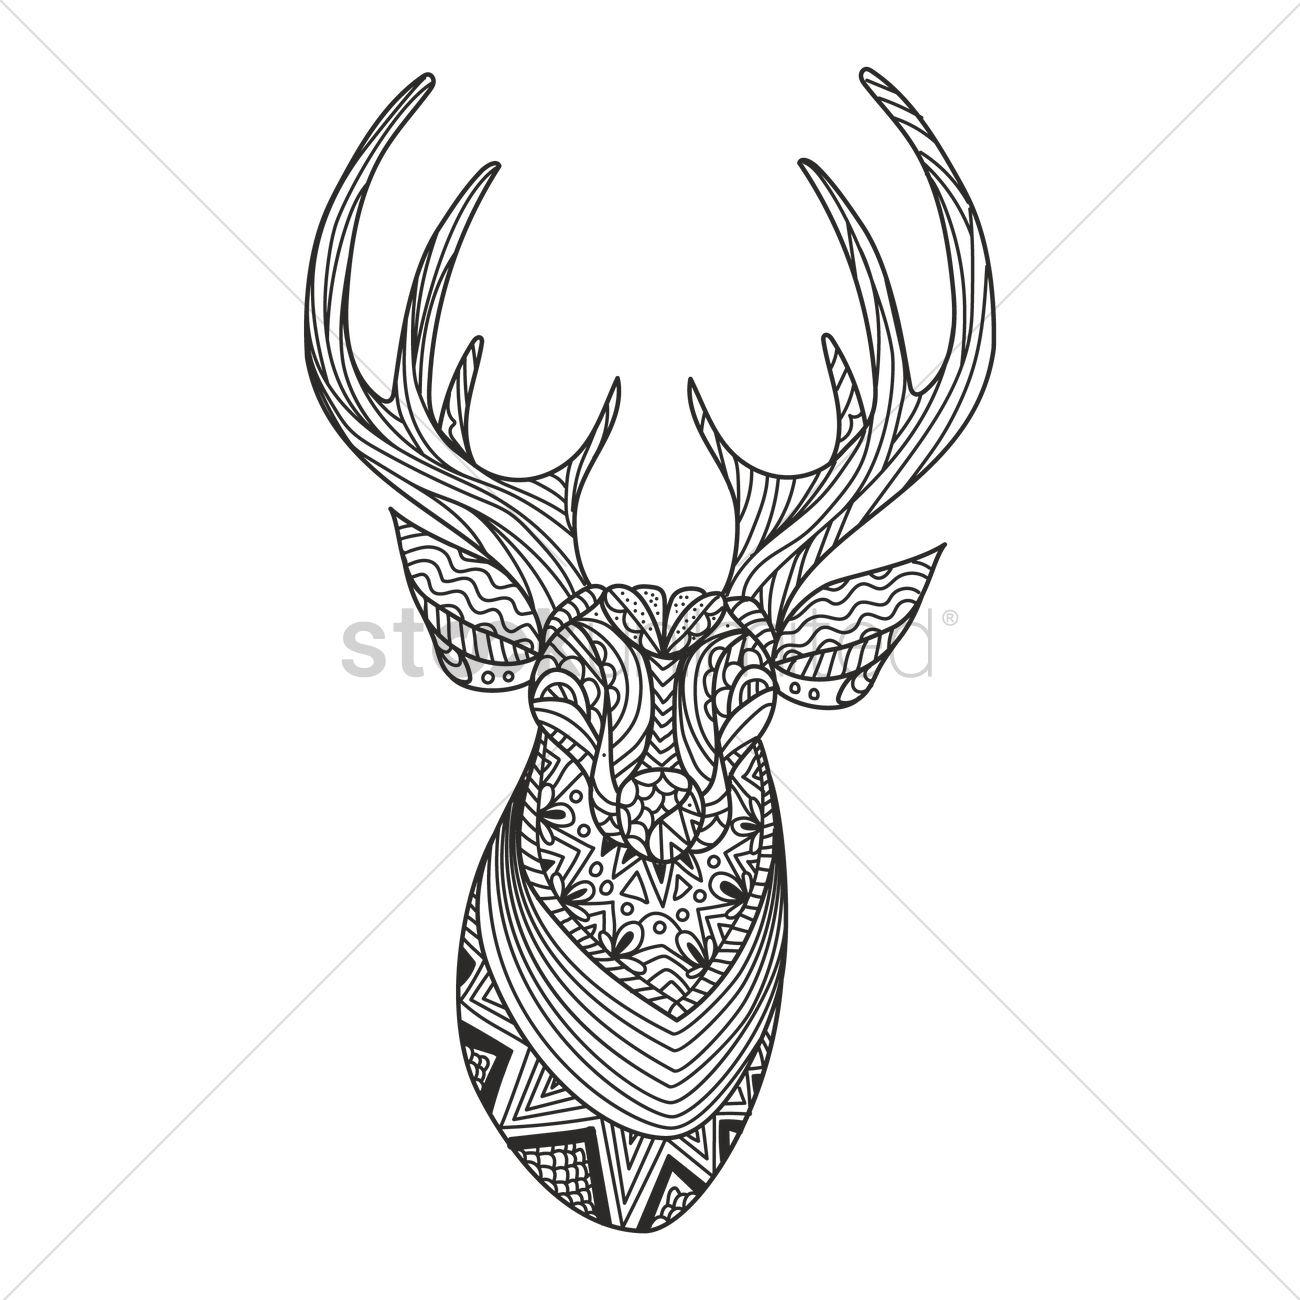 1300x1300 Intricate Reindeer Design Vector Image